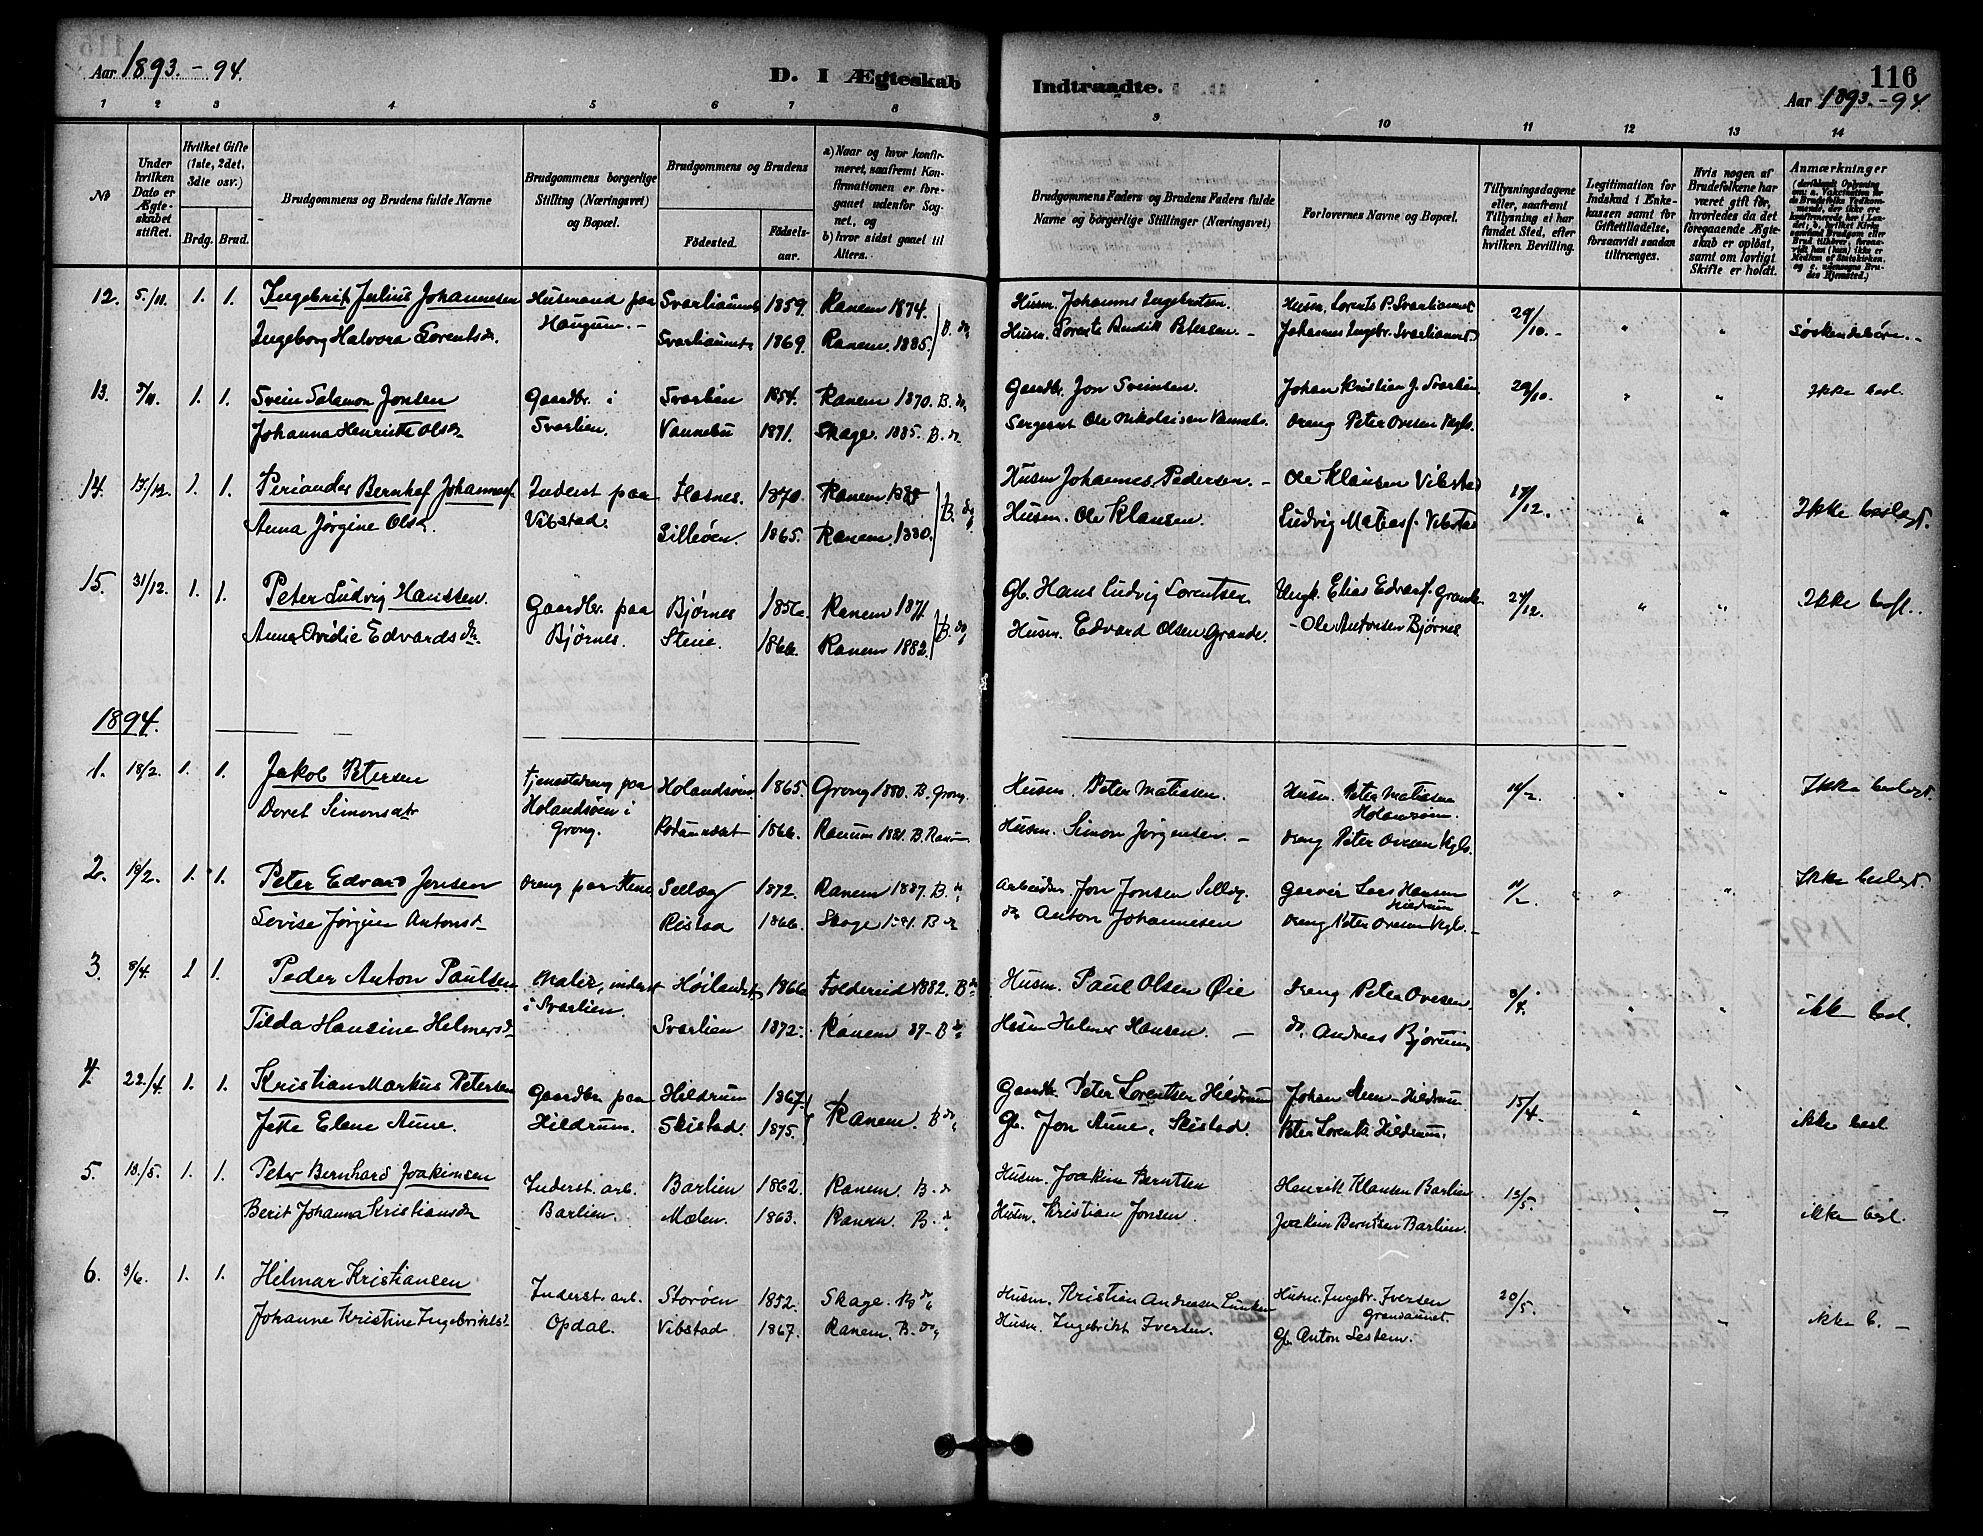 SAT, Ministerialprotokoller, klokkerbøker og fødselsregistre - Nord-Trøndelag, 764/L0555: Ministerialbok nr. 764A10, 1881-1896, s. 116